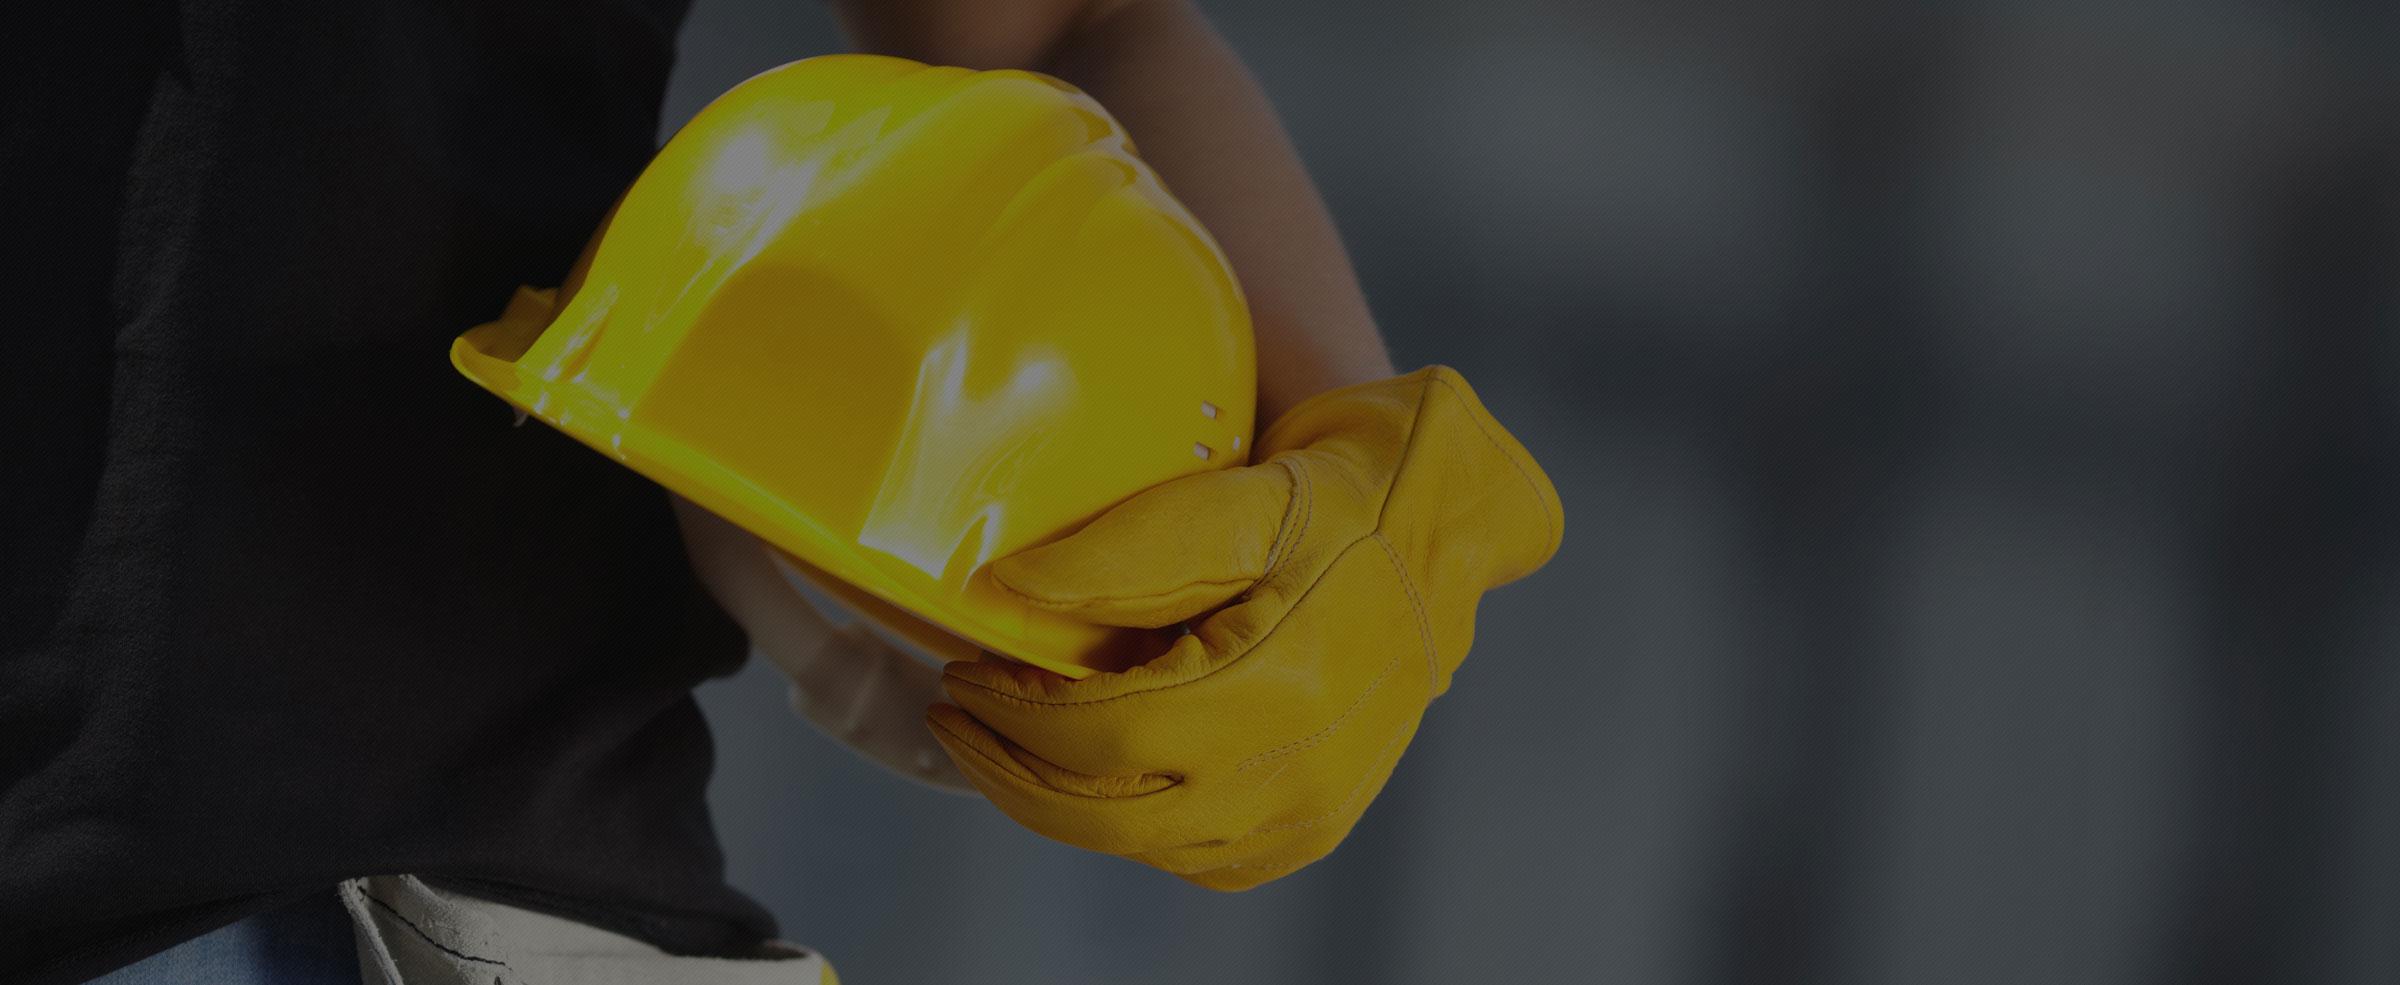 munkavédelmi szabályok